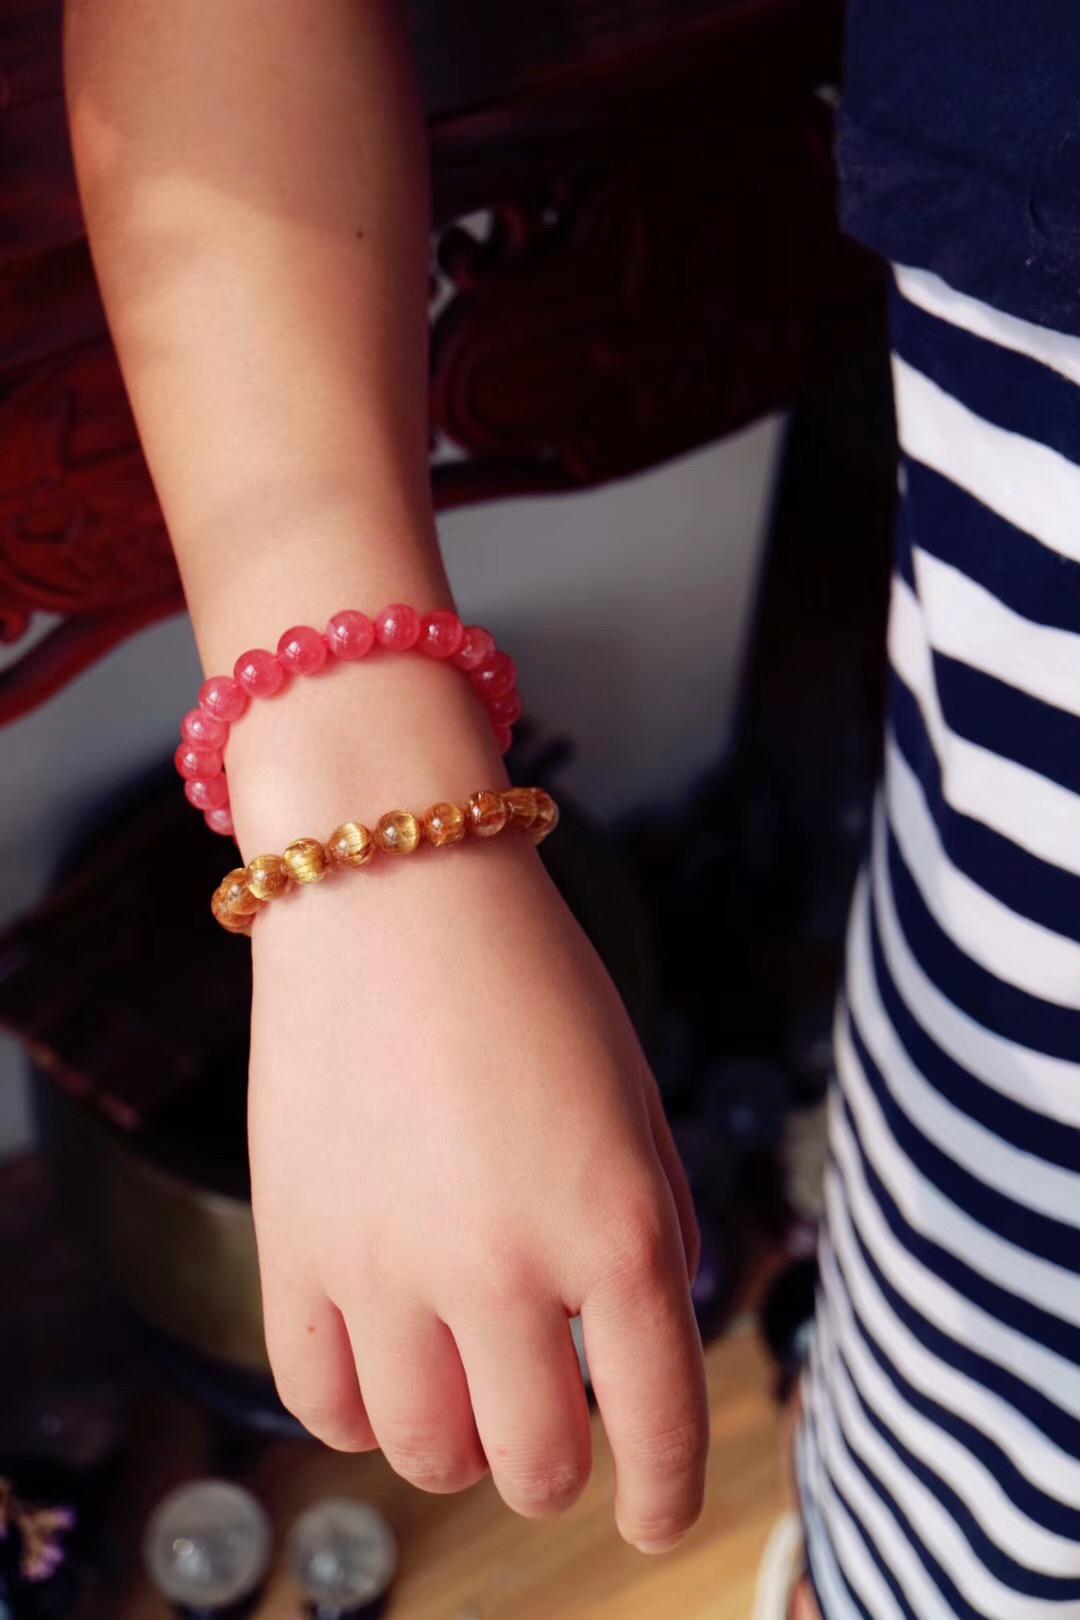 【菩心 | 红纹石&钛晶】一款快速提升爱情+事业运的高频晶石组合-菩心晶舍